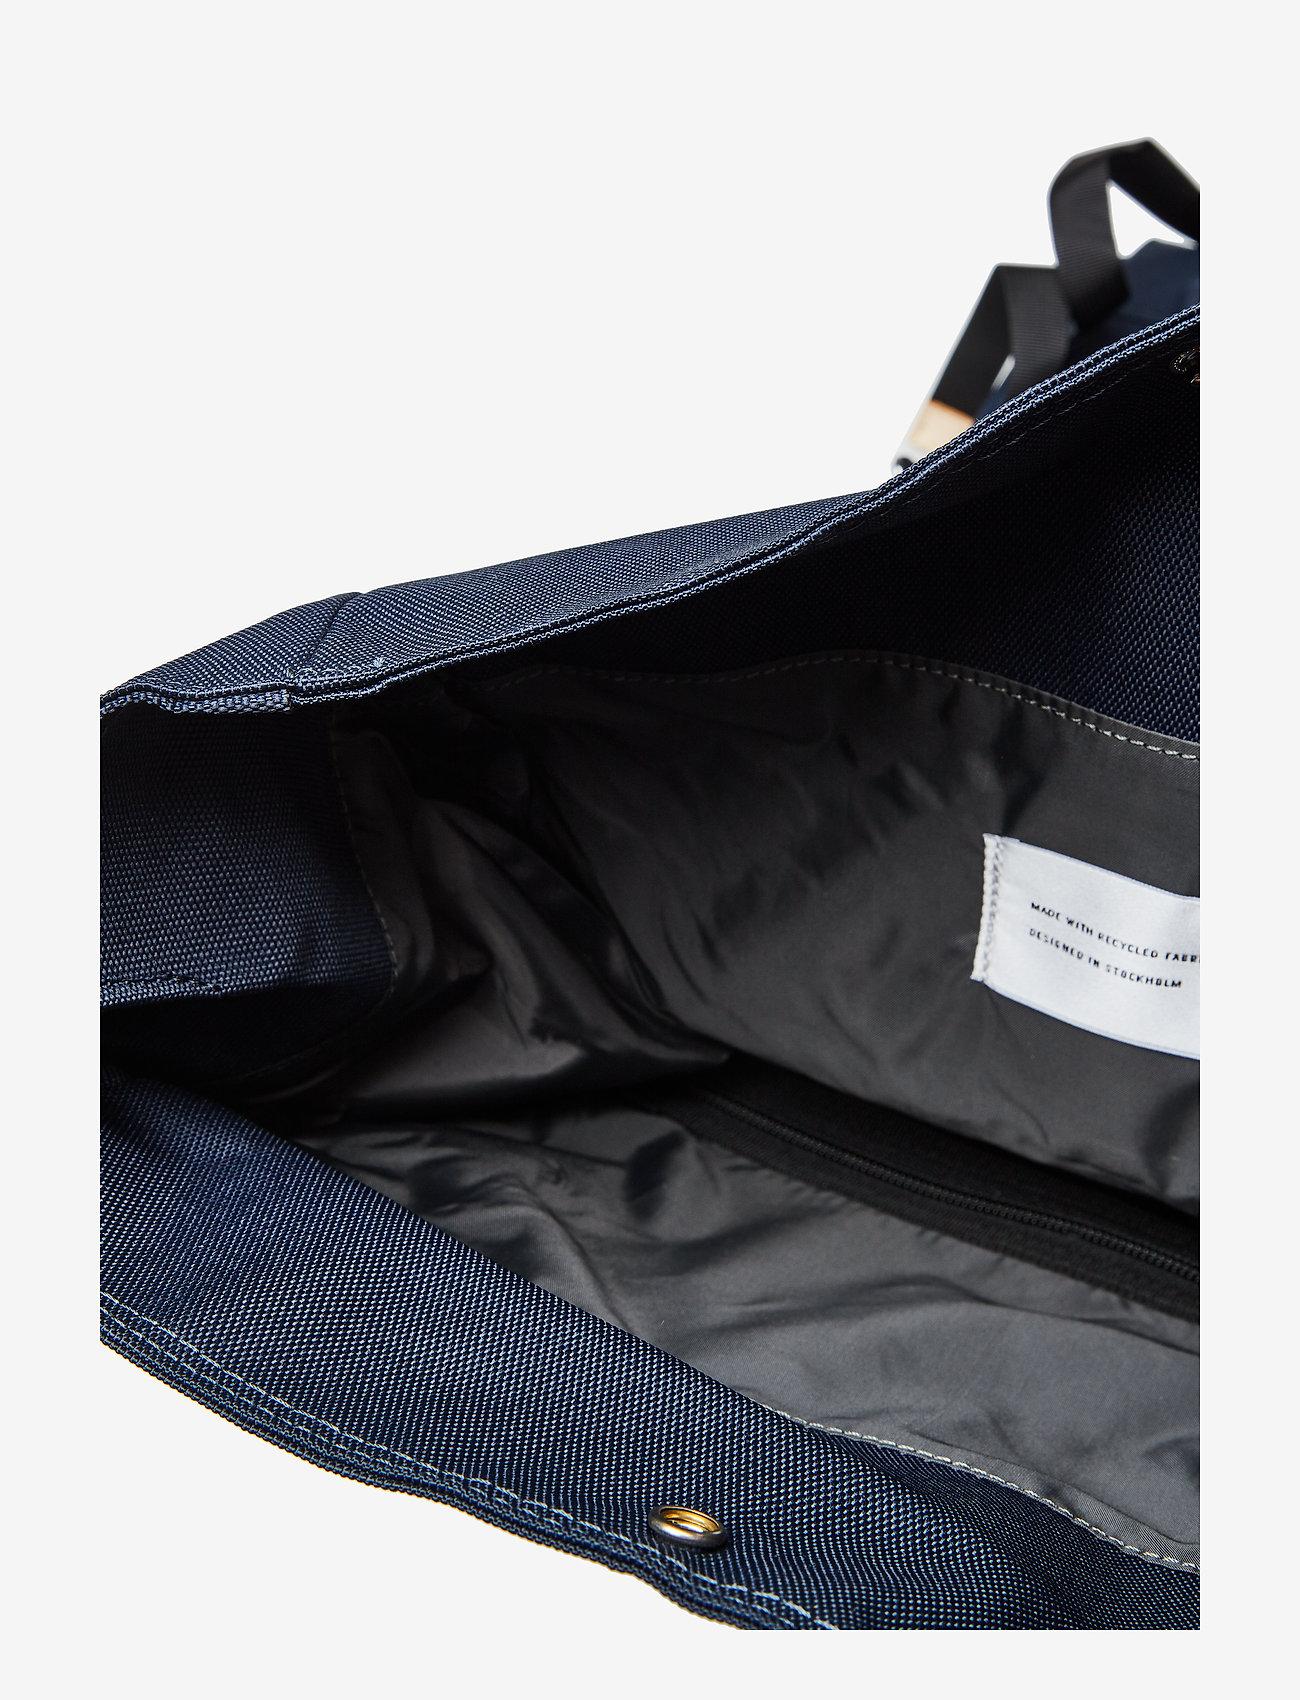 SANDQVIST - BERNT - tassen - navy with natural leather - 7